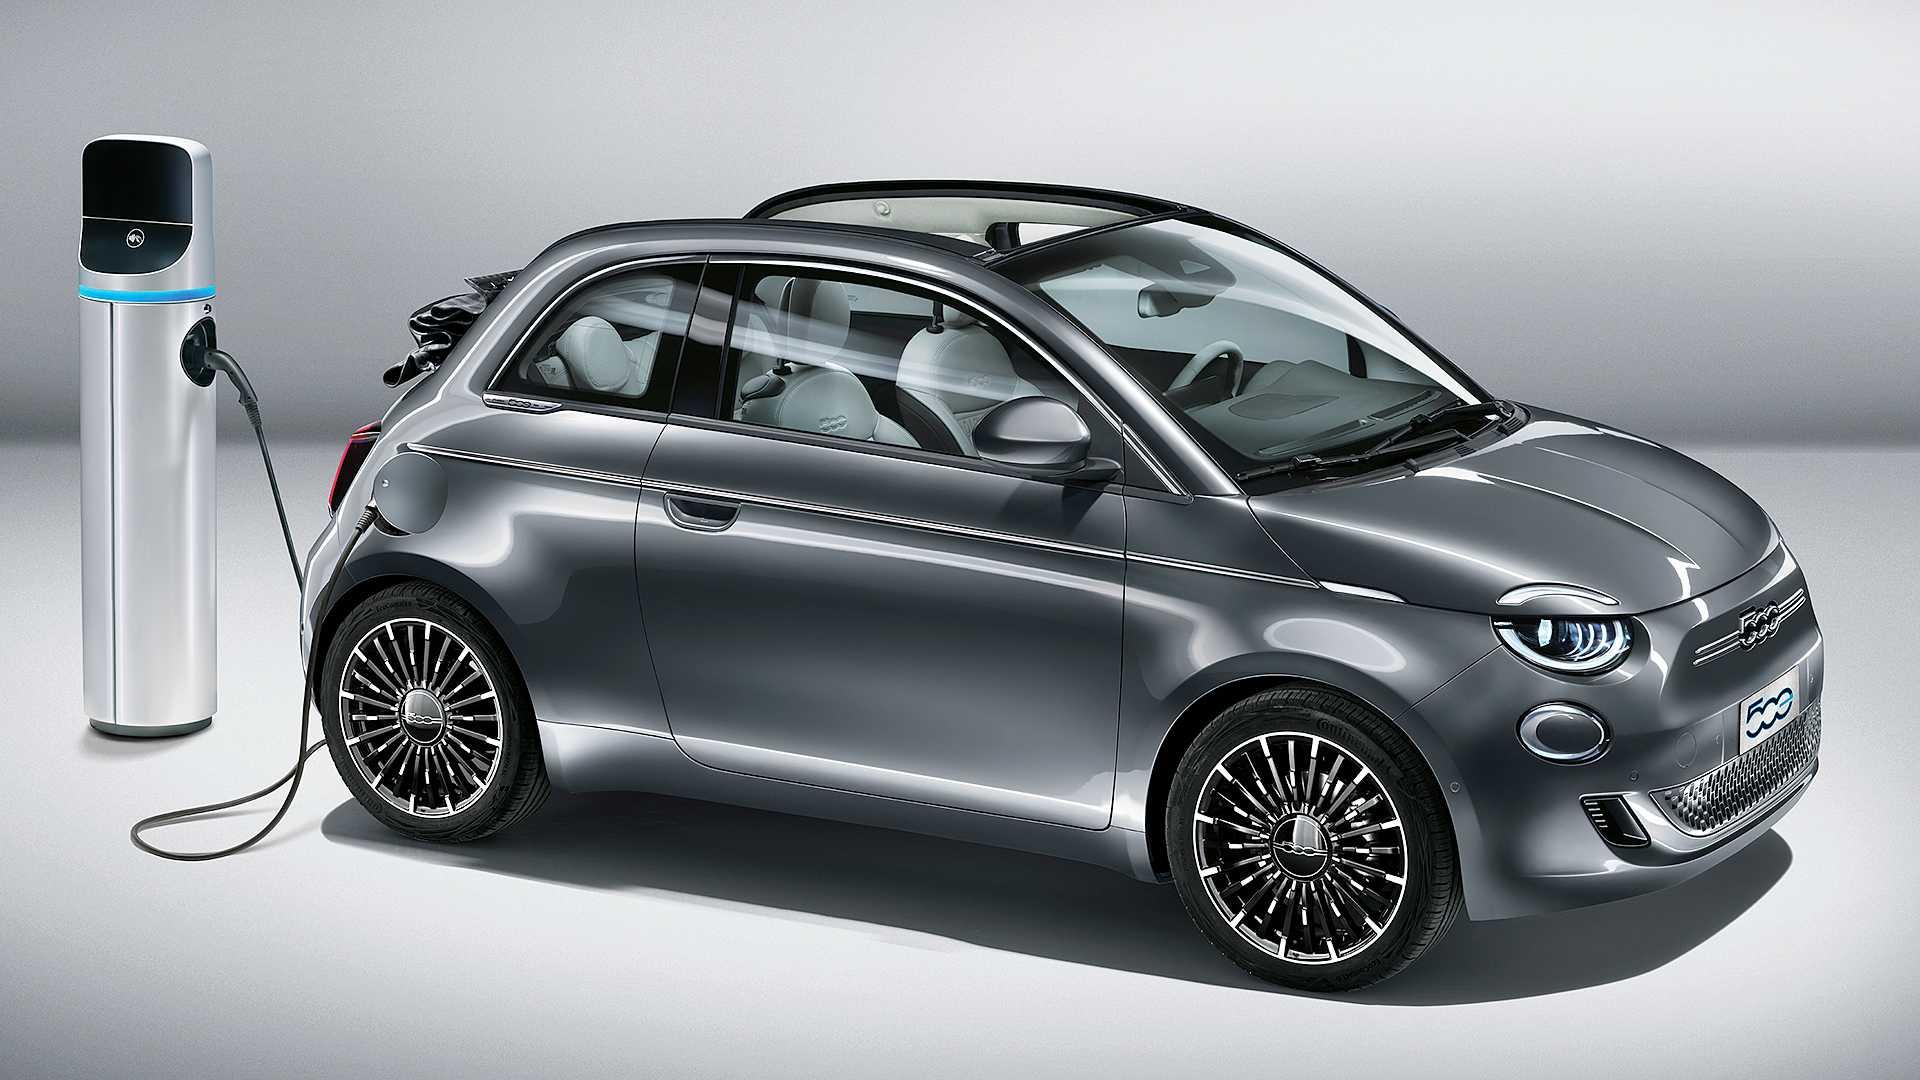 Электрический Fiat 500 получил дополнительную дверь. Что изменилось?